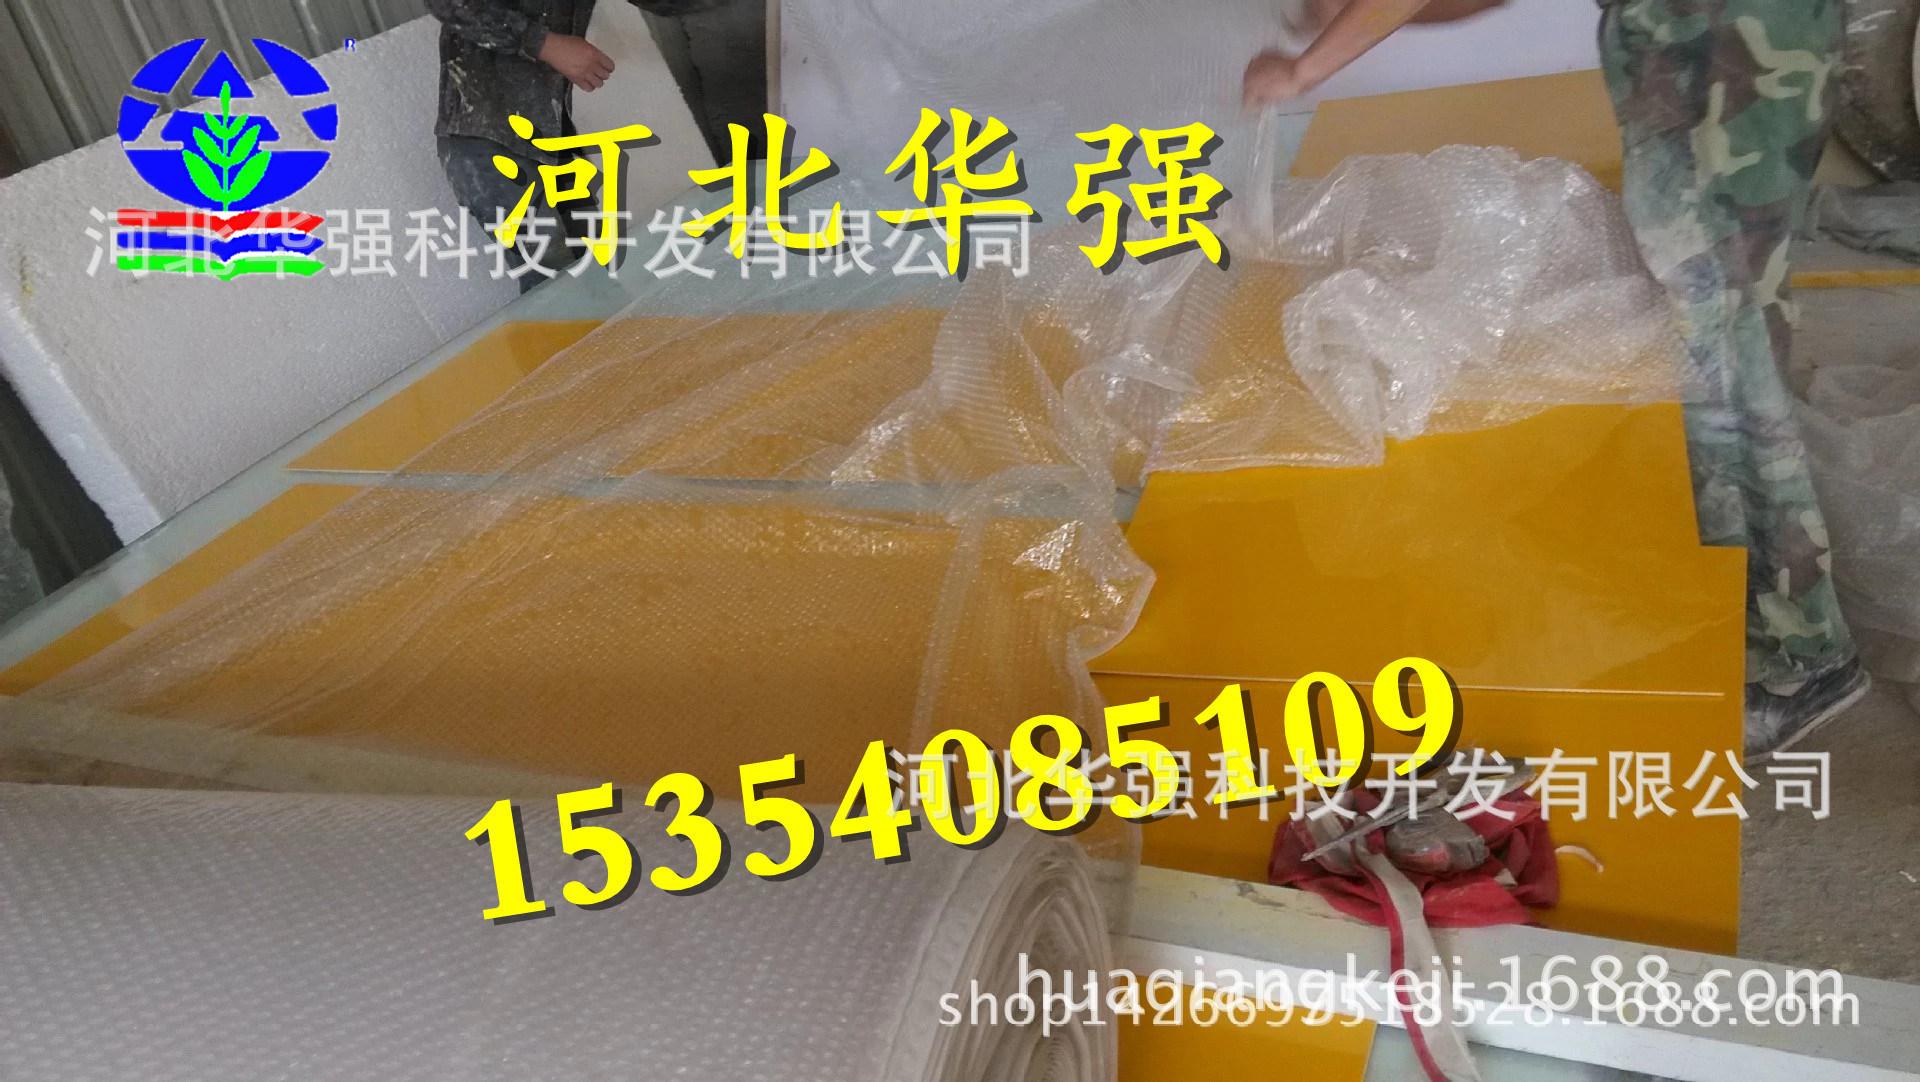 2034498770_1838001085.jpg_.web